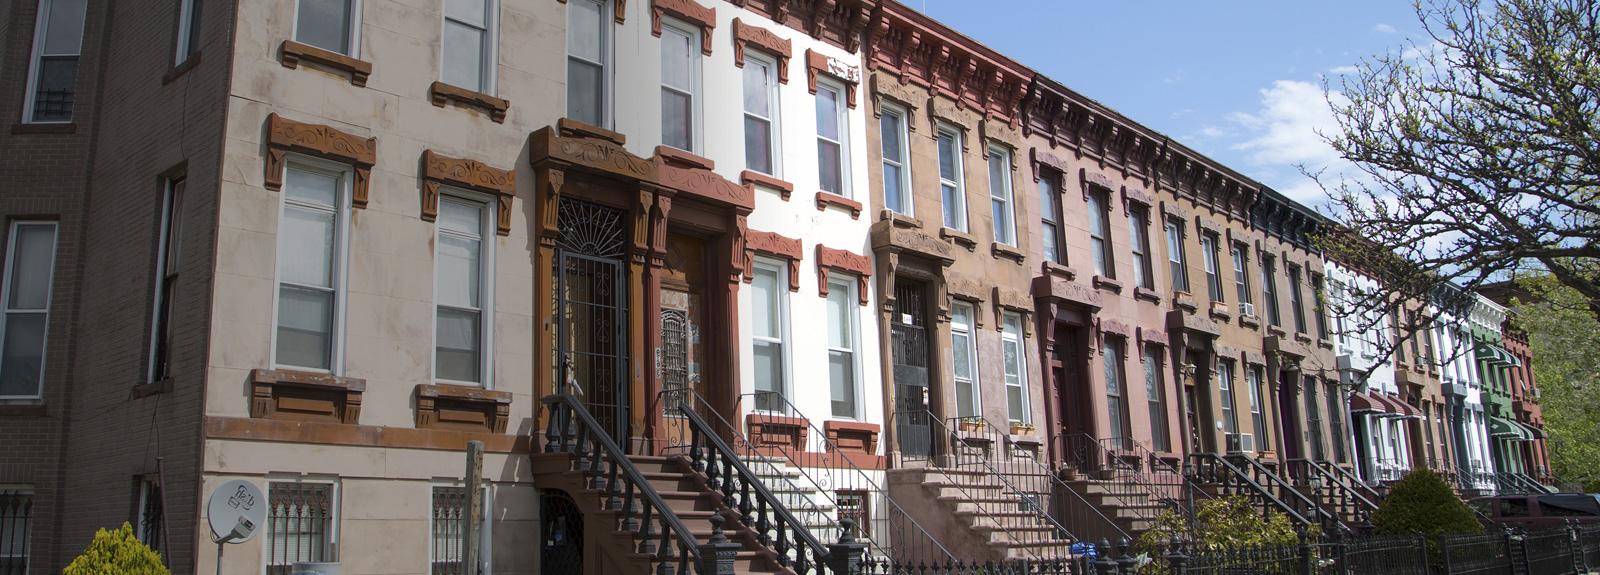 New York home warranty company